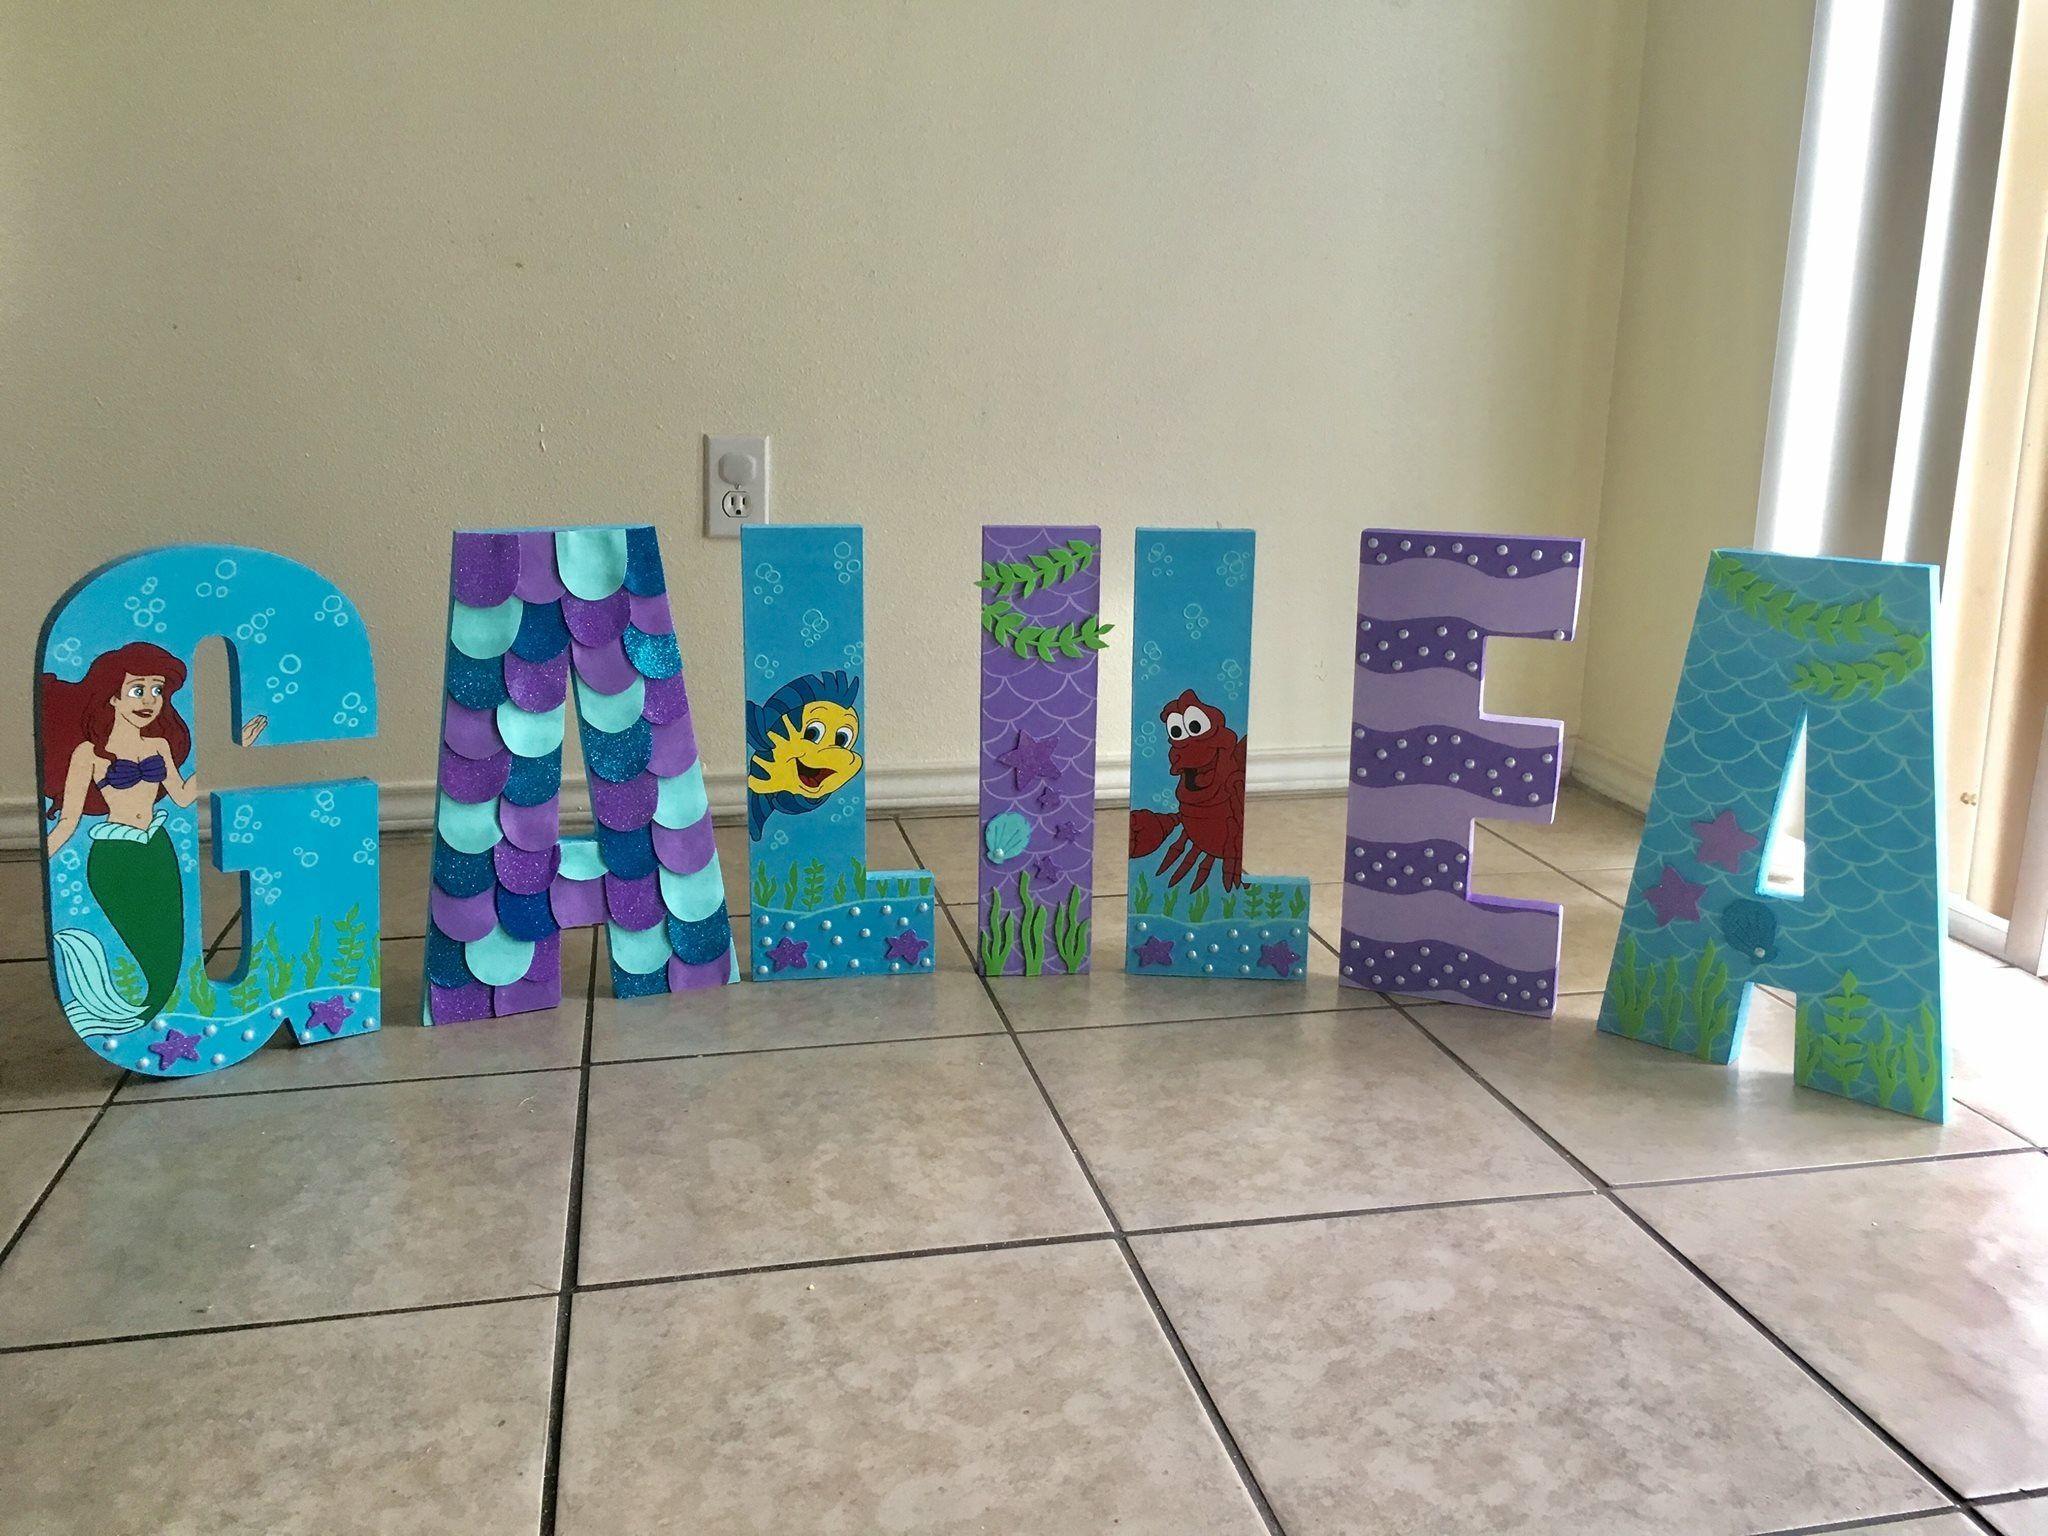 8 Inch Wooden Letters Little Mermaid Ariel Theme Wood Letters In